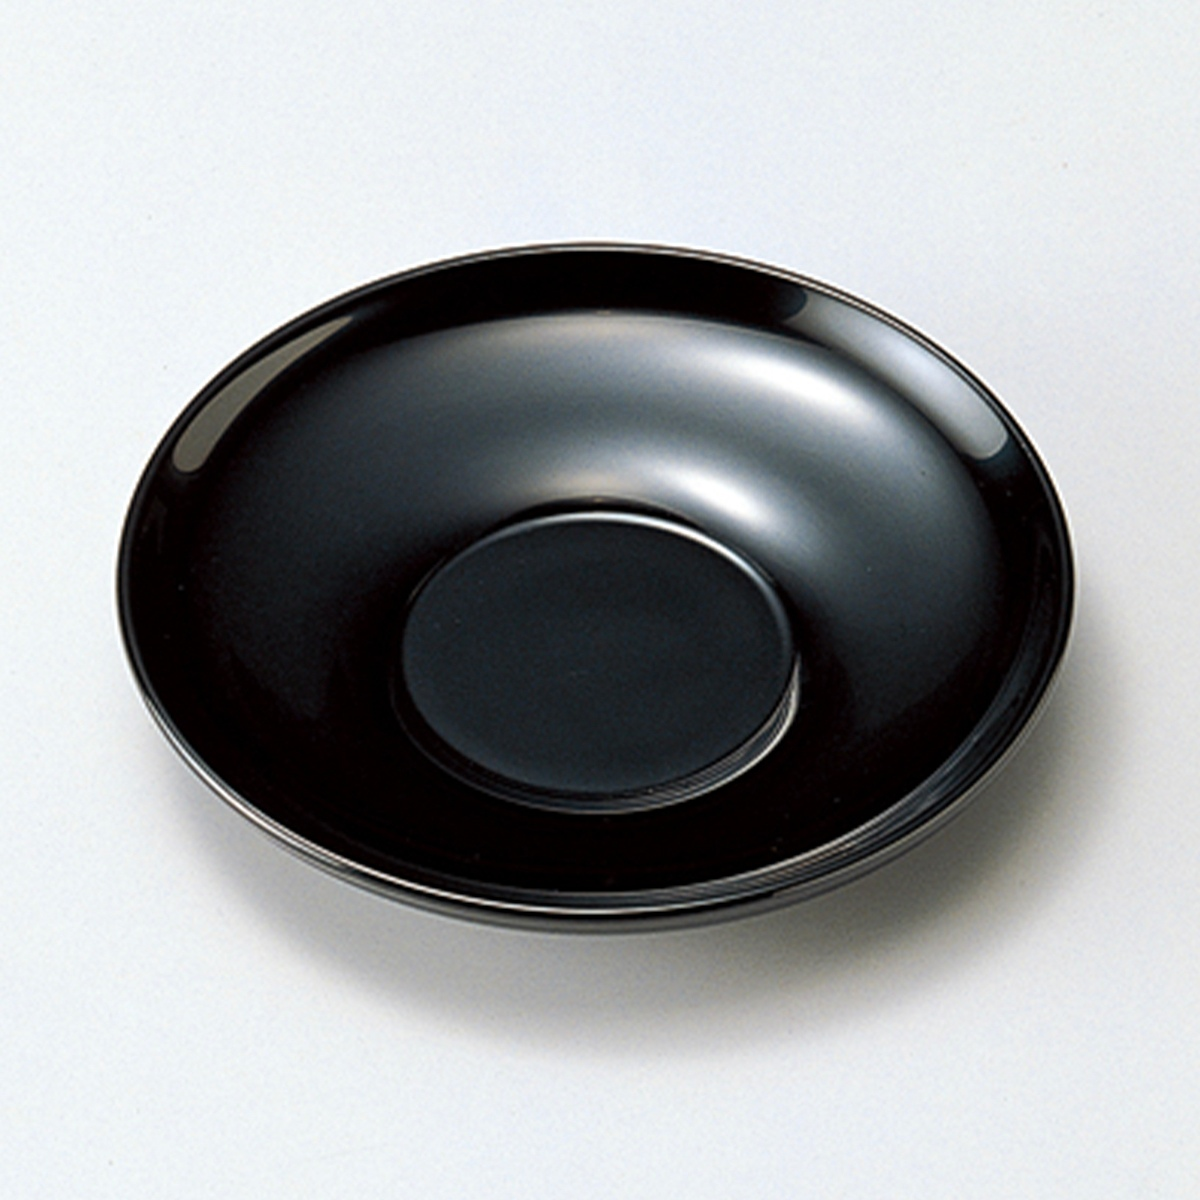 【ポイント 3倍中!更にクーポン】4.0茶托(黒)5枚セット宮内庁御用達 木製 日本製 来客 越前漆器 うるし 上品 器 テーブル小物 漆器 漆塗 手塗 高級 おすすめ キッチン雑貨 茶道具 おもてなし コースター 5枚揃い